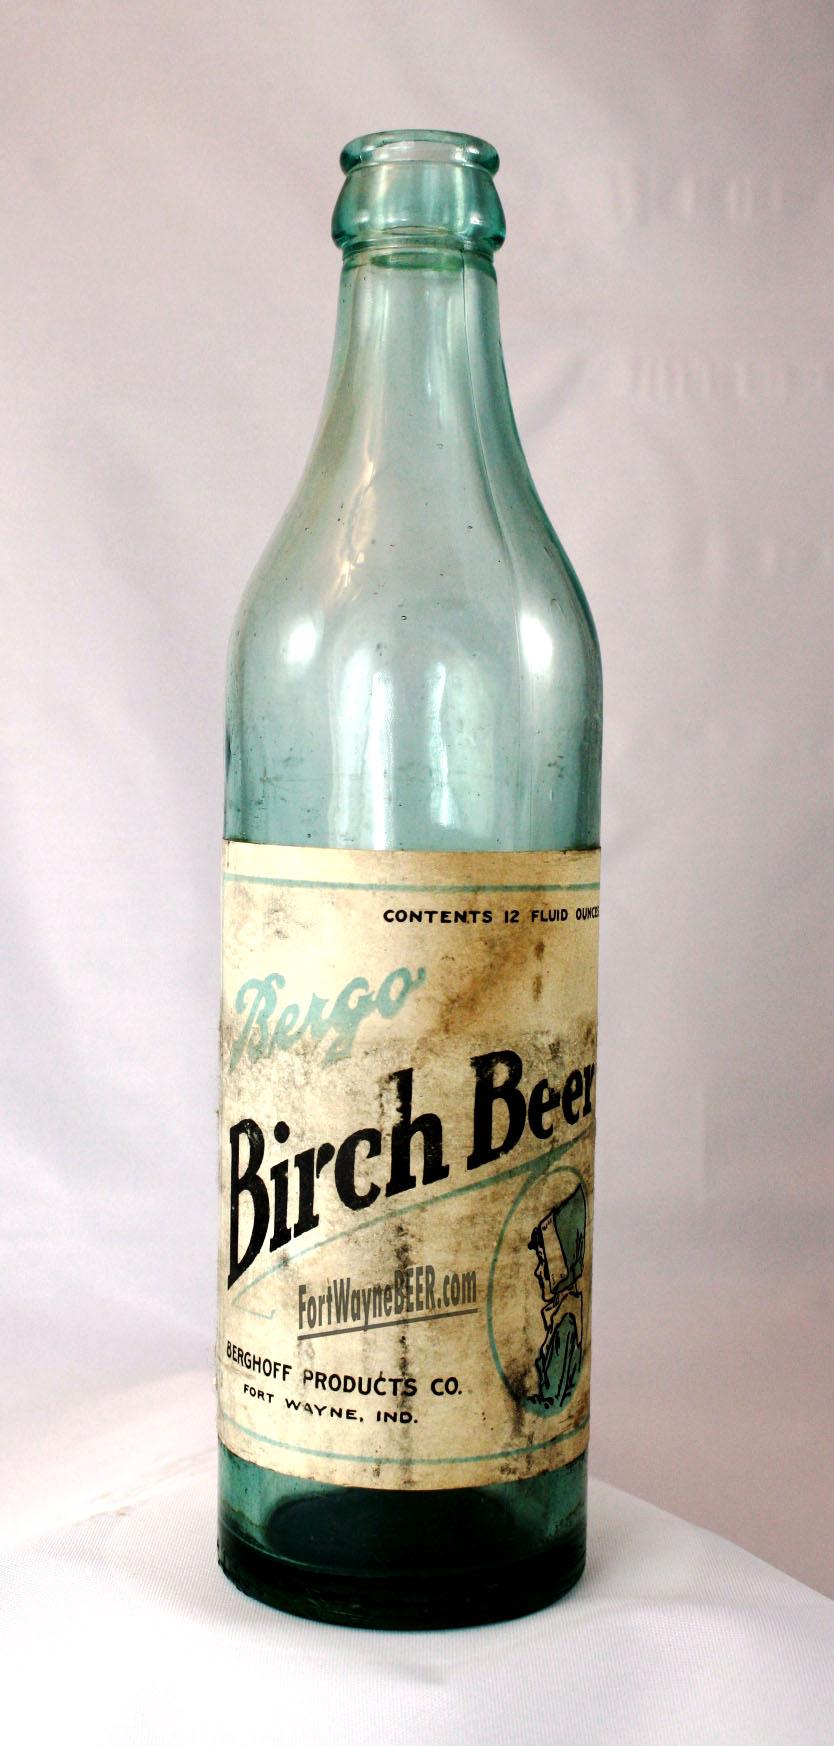 Bergo Birch Beer bottle1 copy.jpg